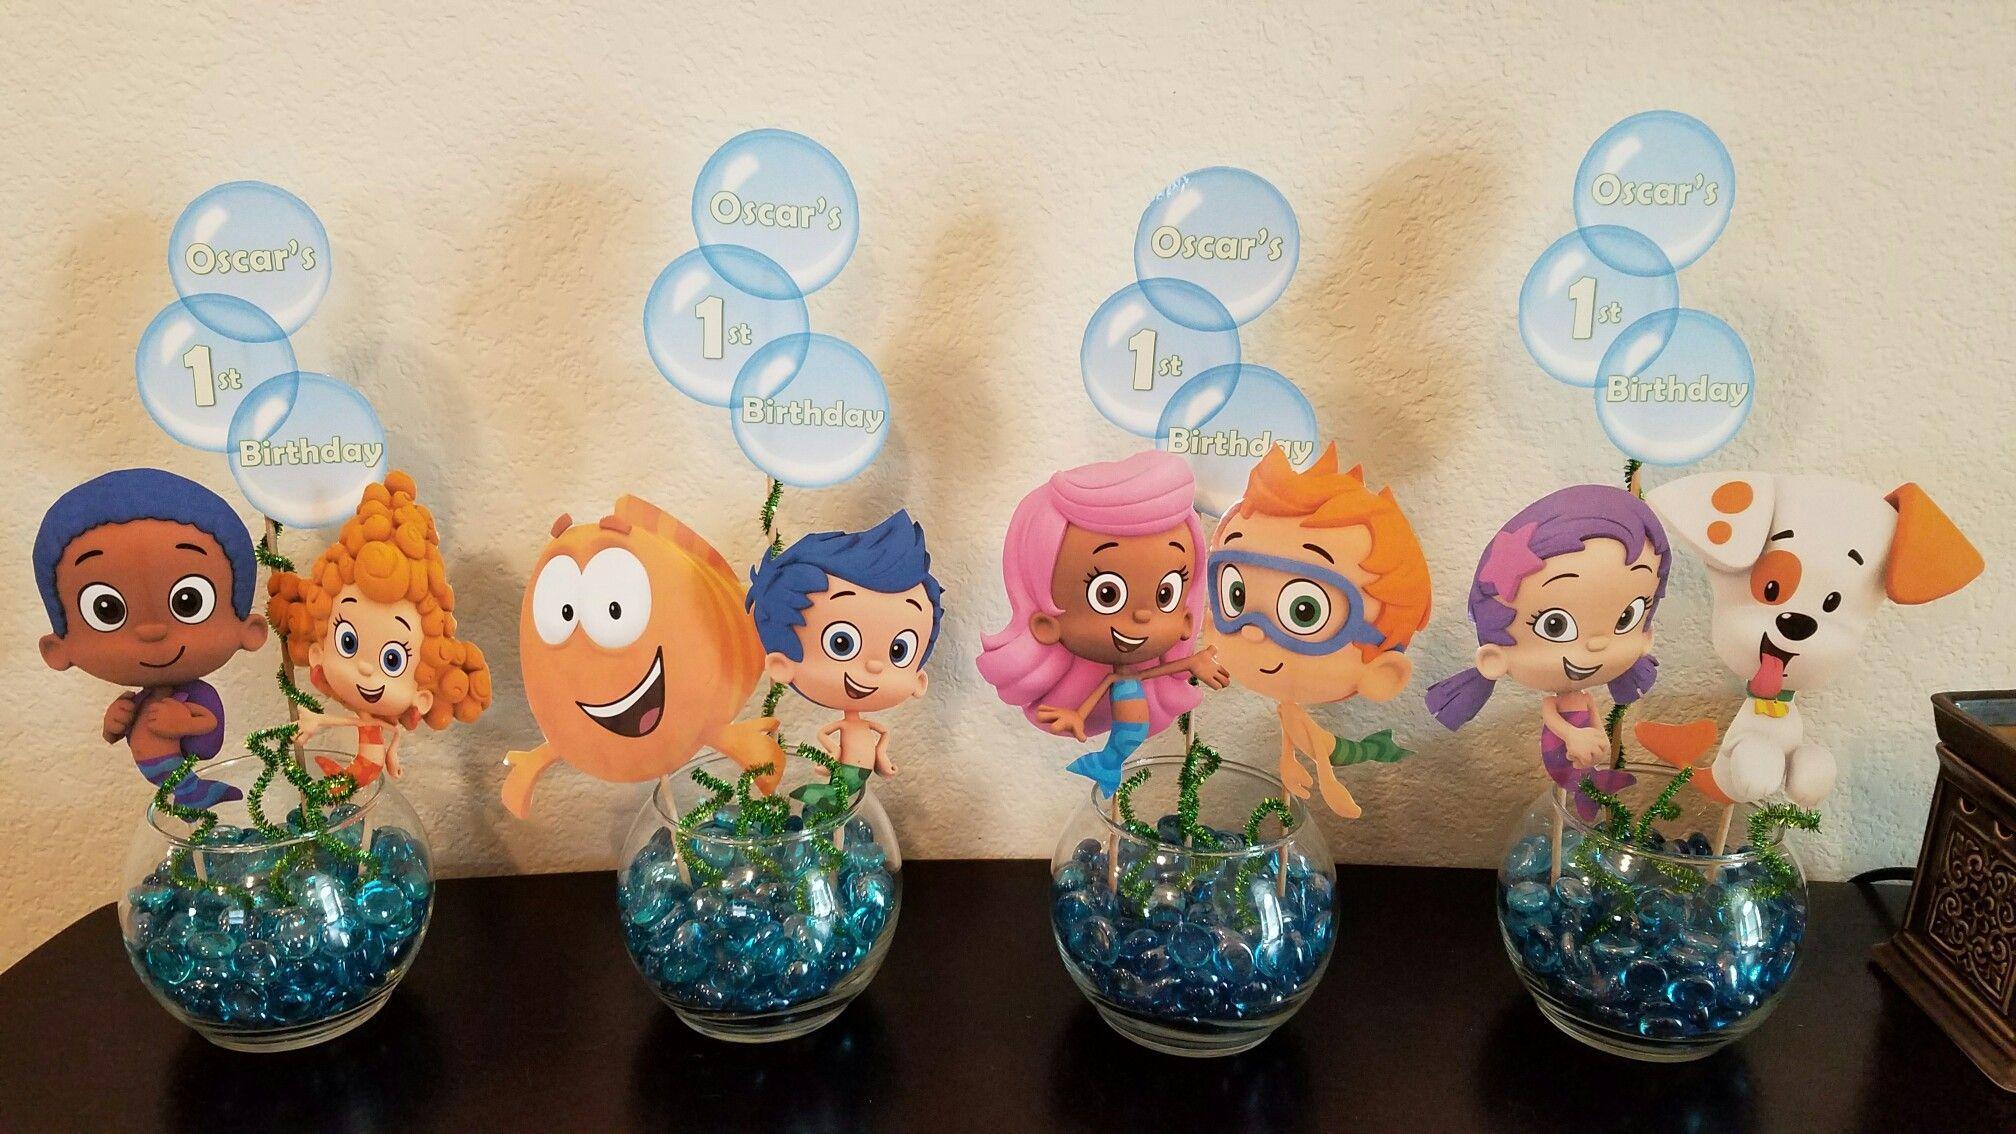 Diy Birthday Party Centerpieces Bubble Guppies 1st Birthday Decorations Bubble Birthday Bubble Guppies Party Bubble Guppies Birthday Party